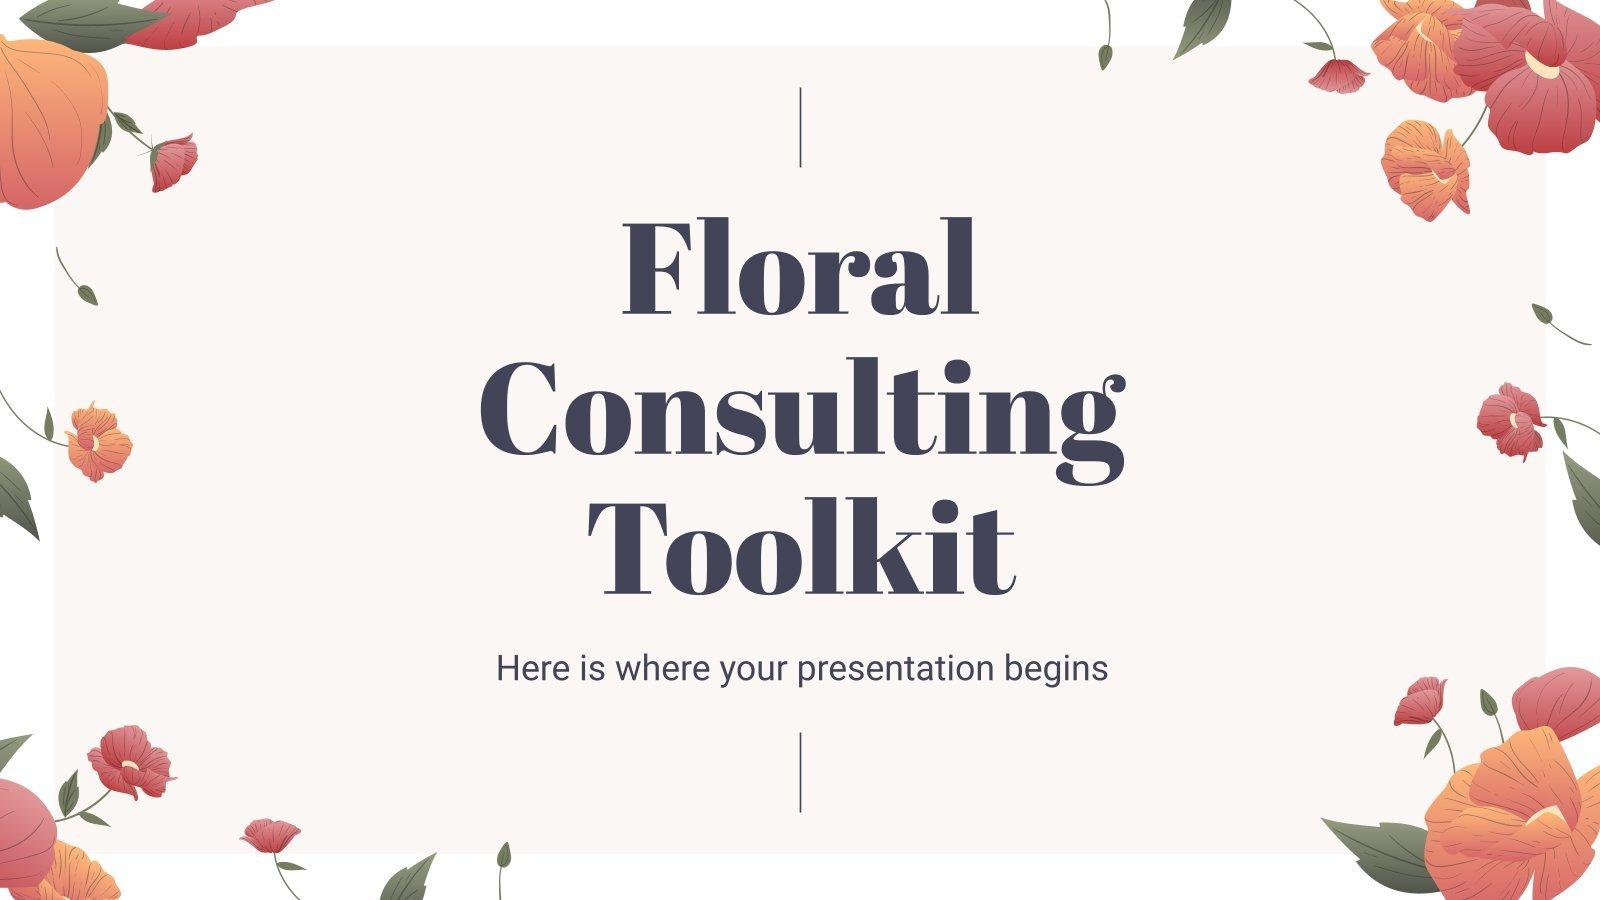 Plantilla de presentación Herramientas de consultoría con diseño floral